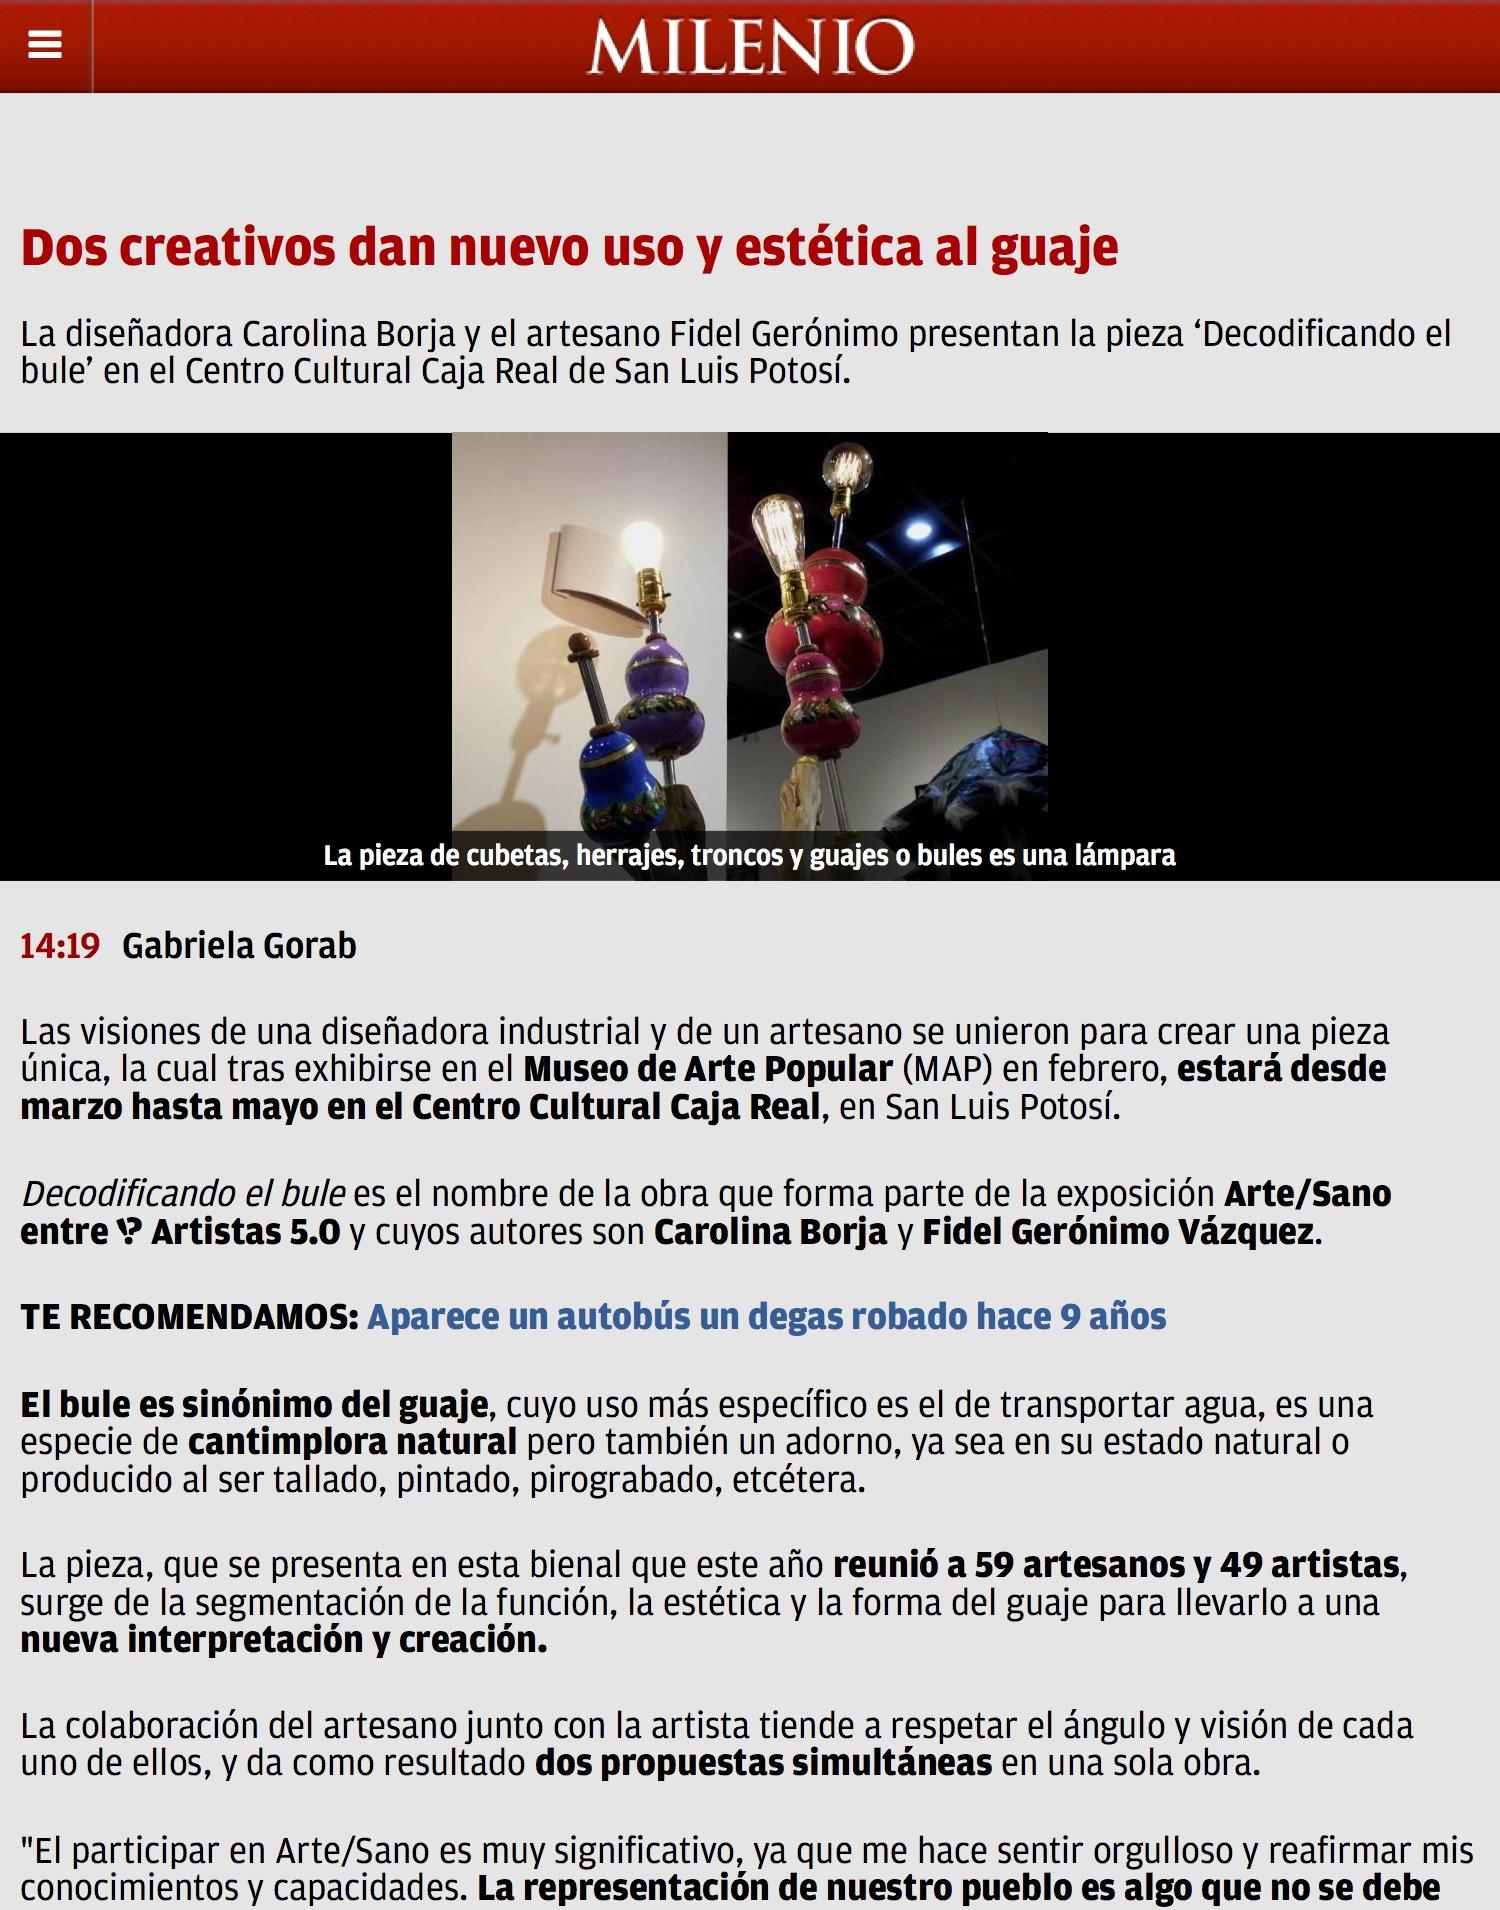 Dos creativos dan nuevo uso y estética al guaje - Grupo Milenio.jpg